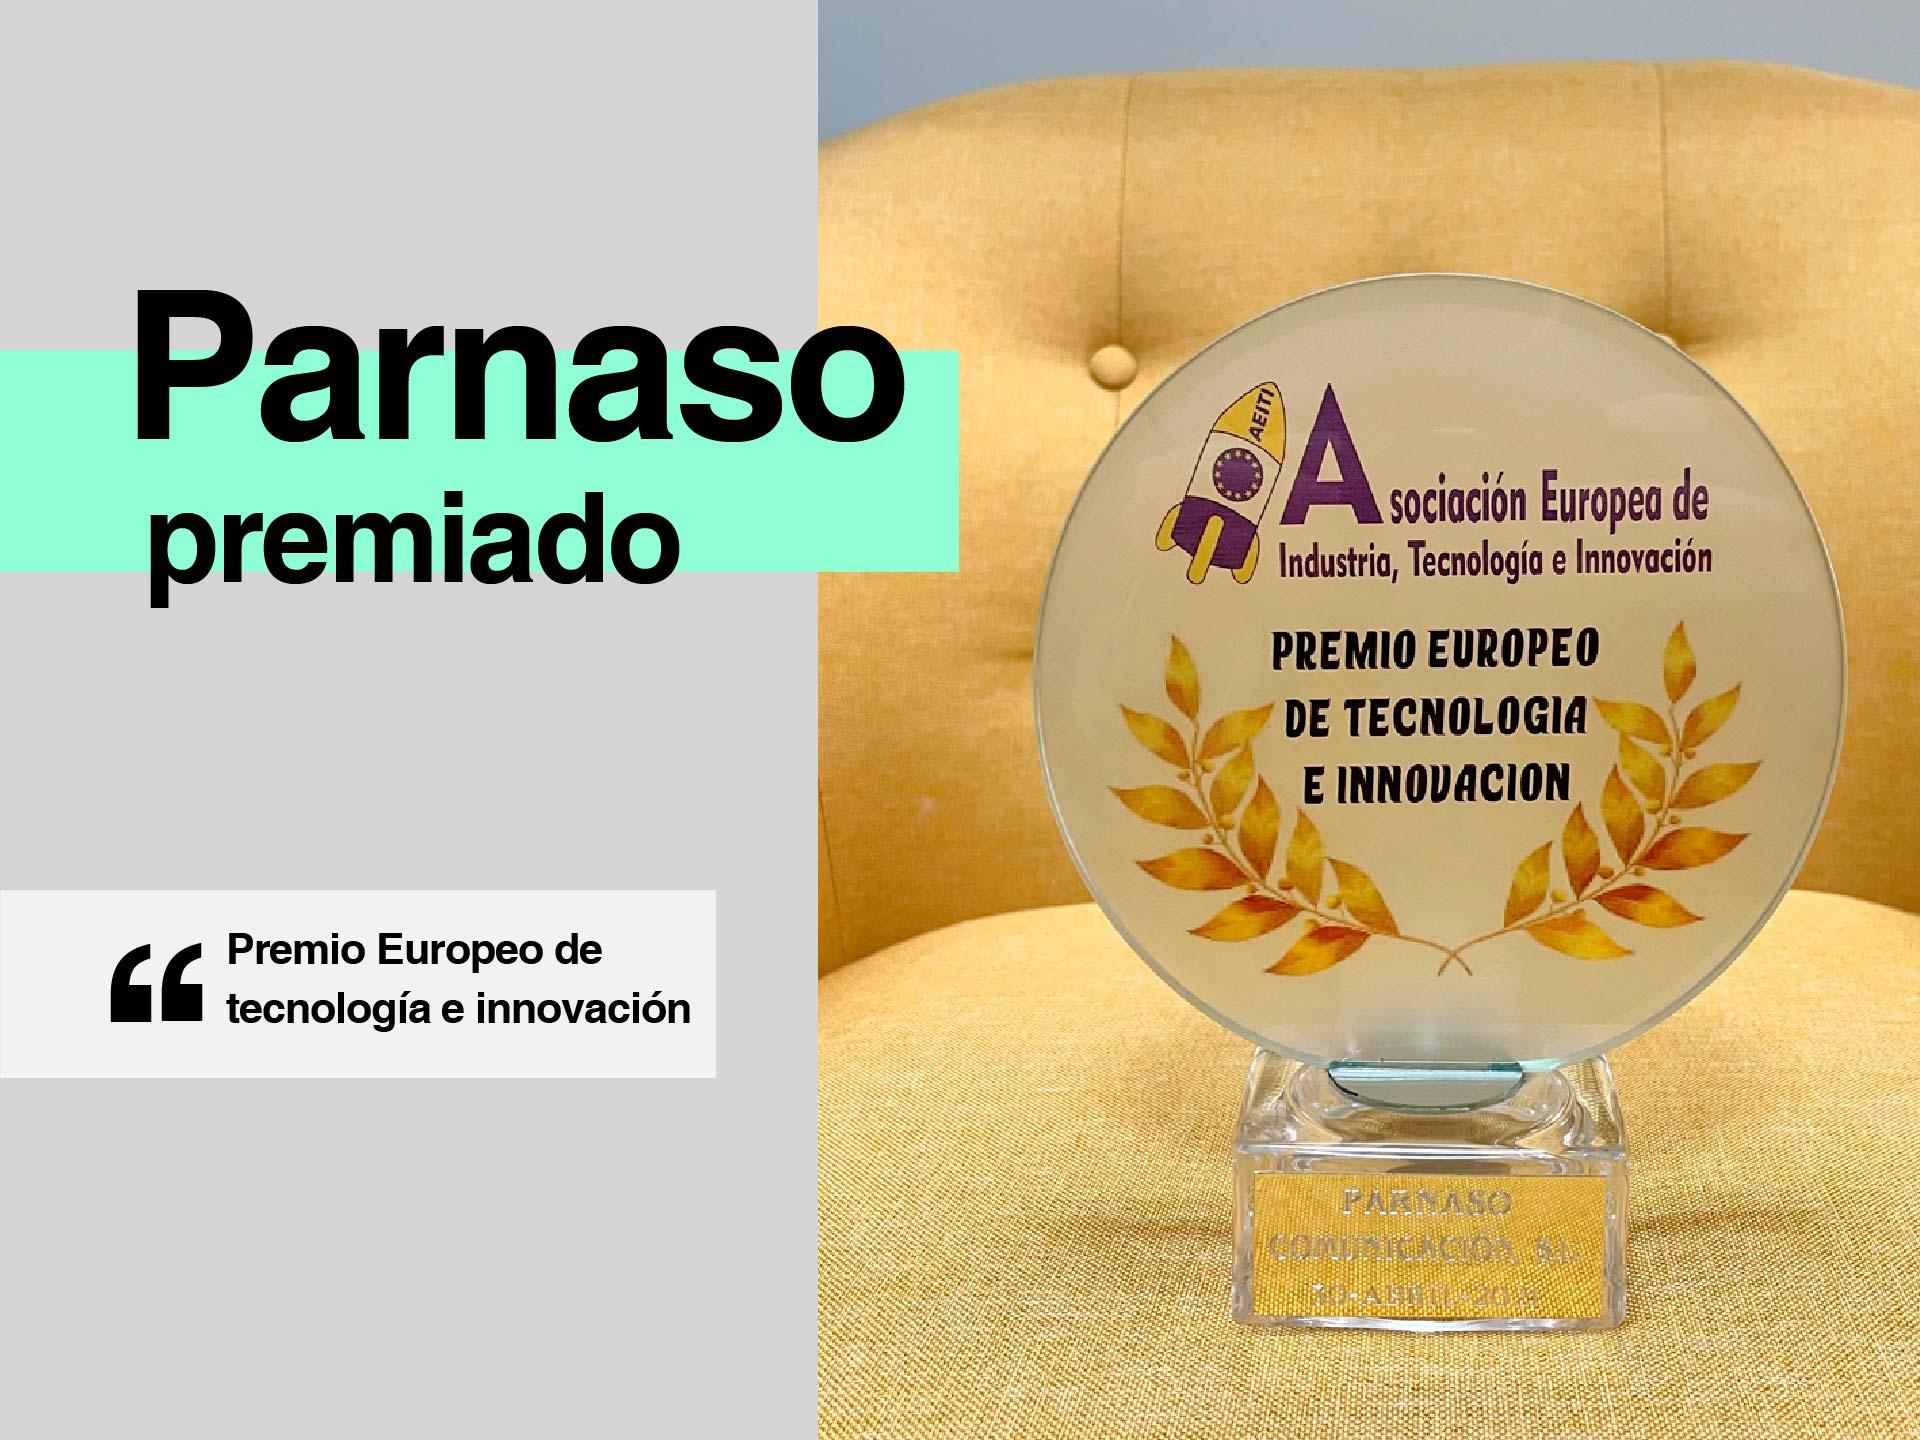 Parnaso recibe el Premio Europeo de Tecnología e Innovación